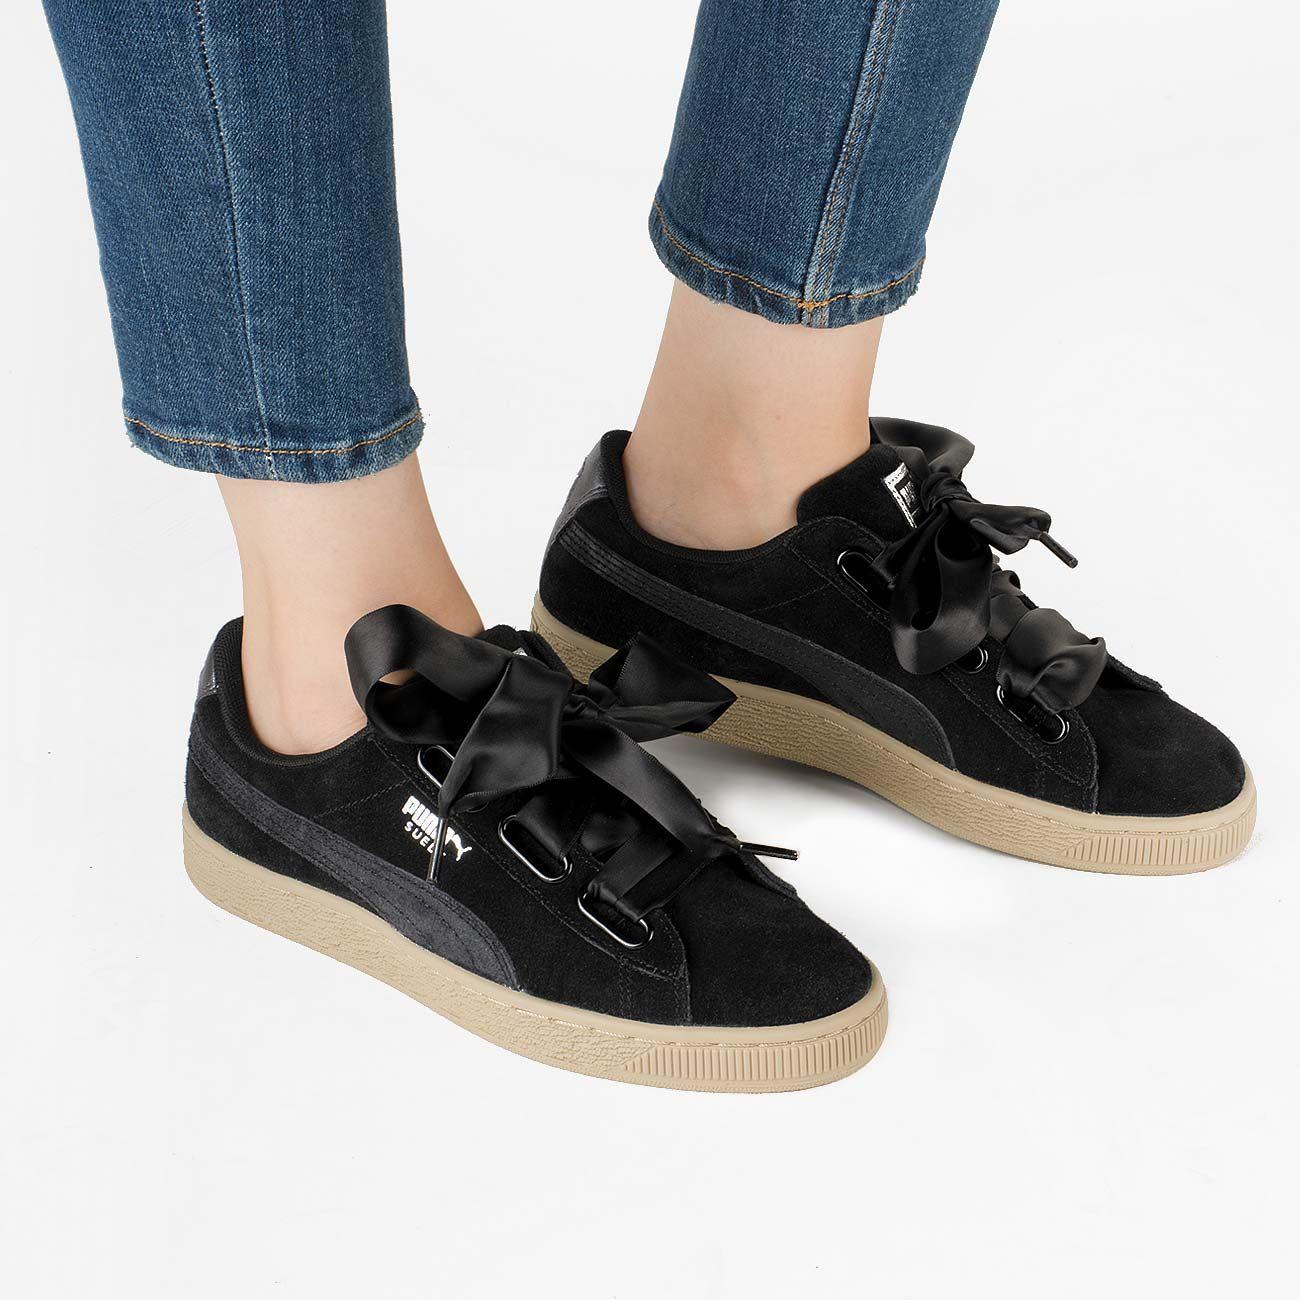 Puma Suede Heart Safari Shoes | bazardesportivo.com